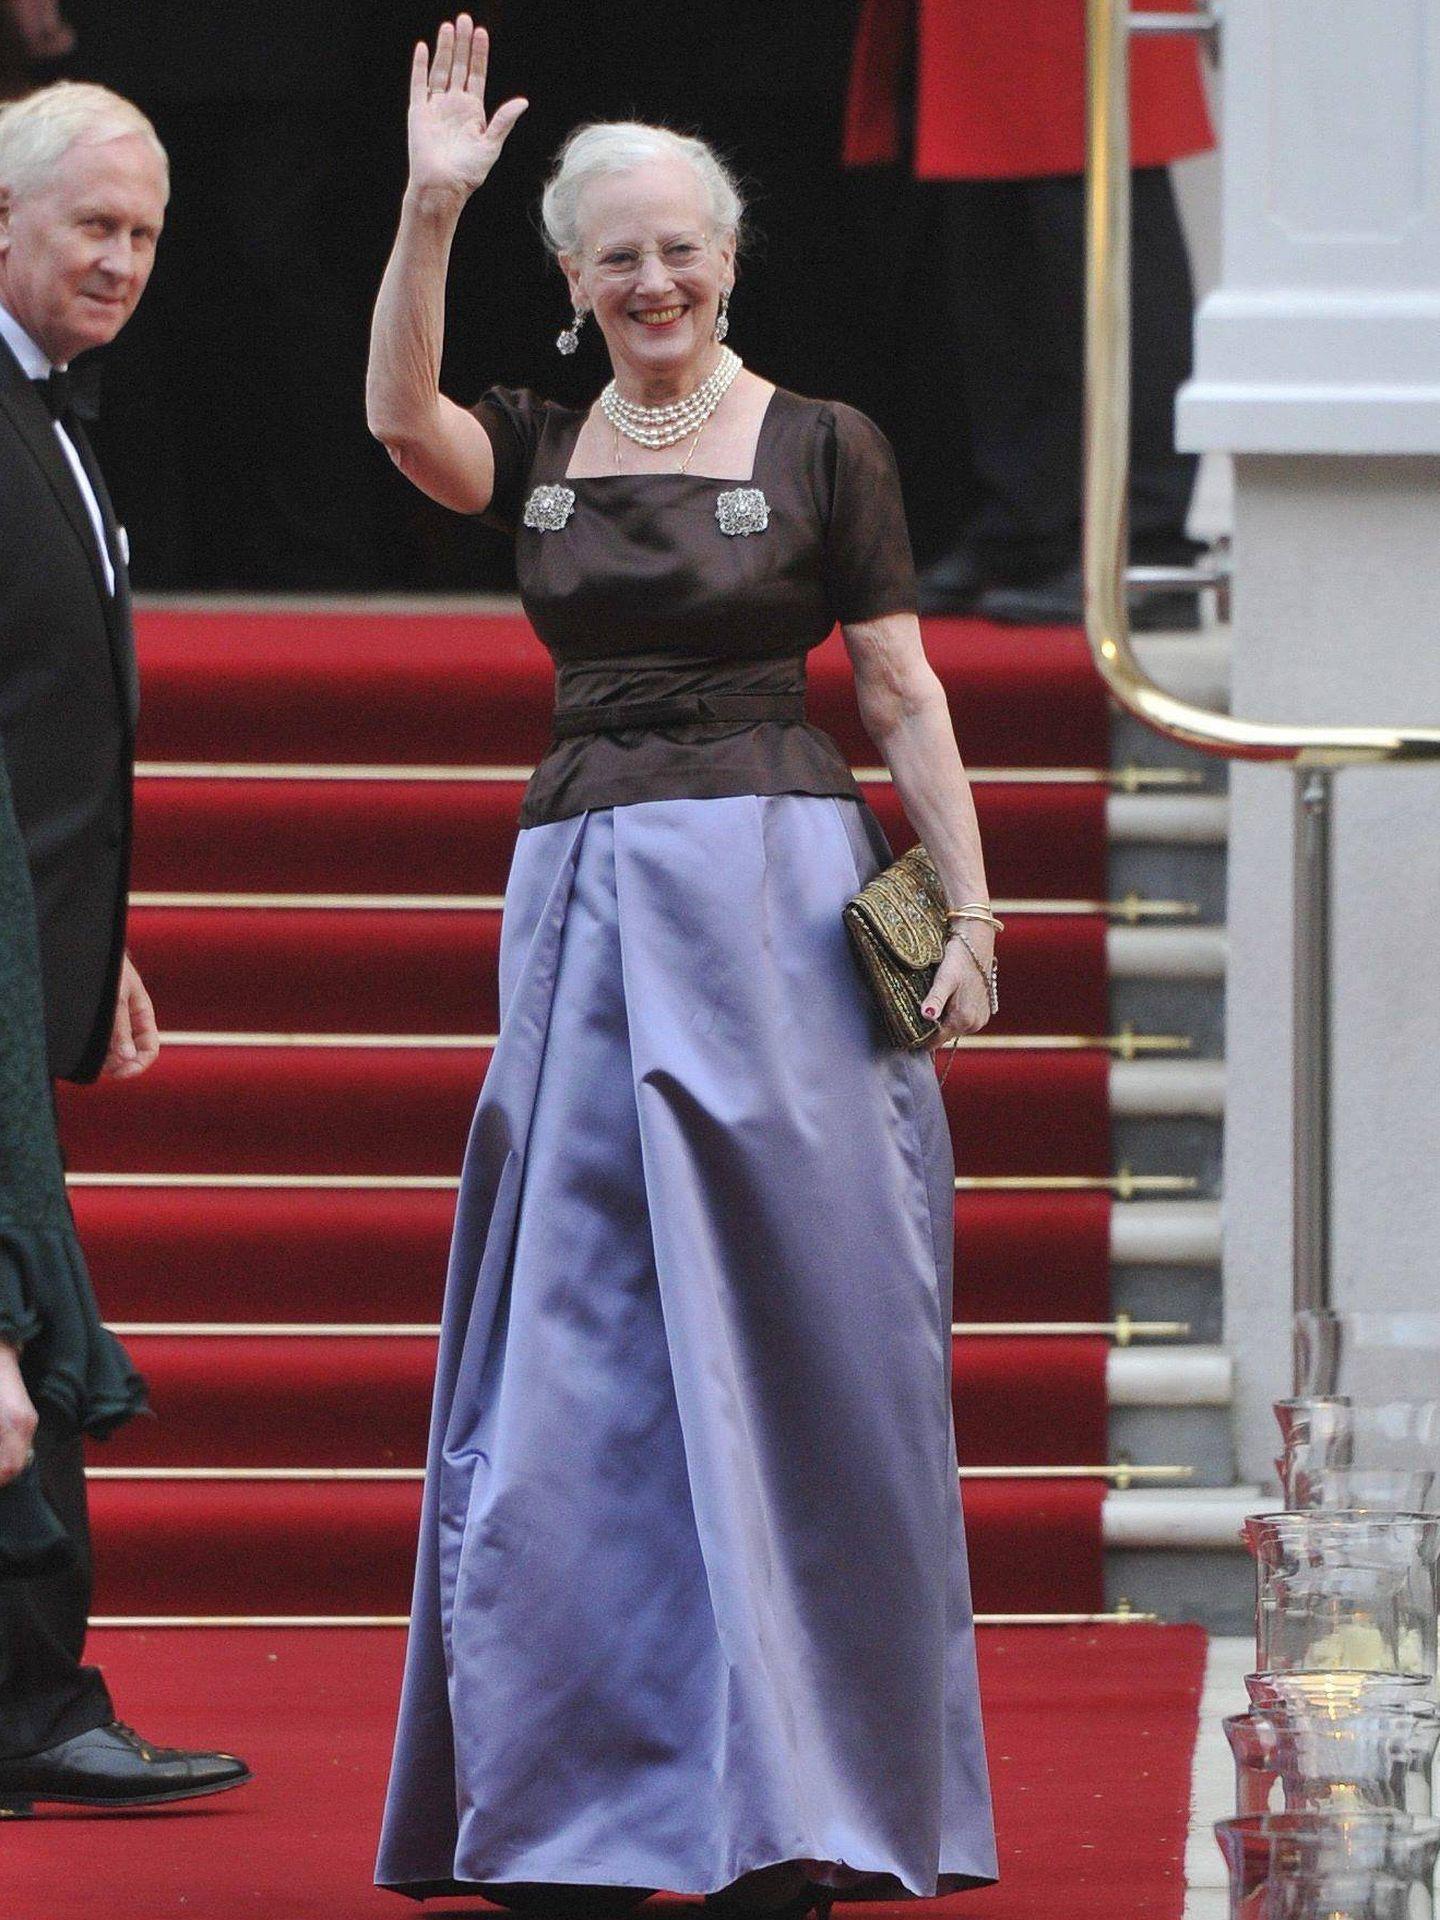 La reina llegando a la cena de la boda. (EFE)